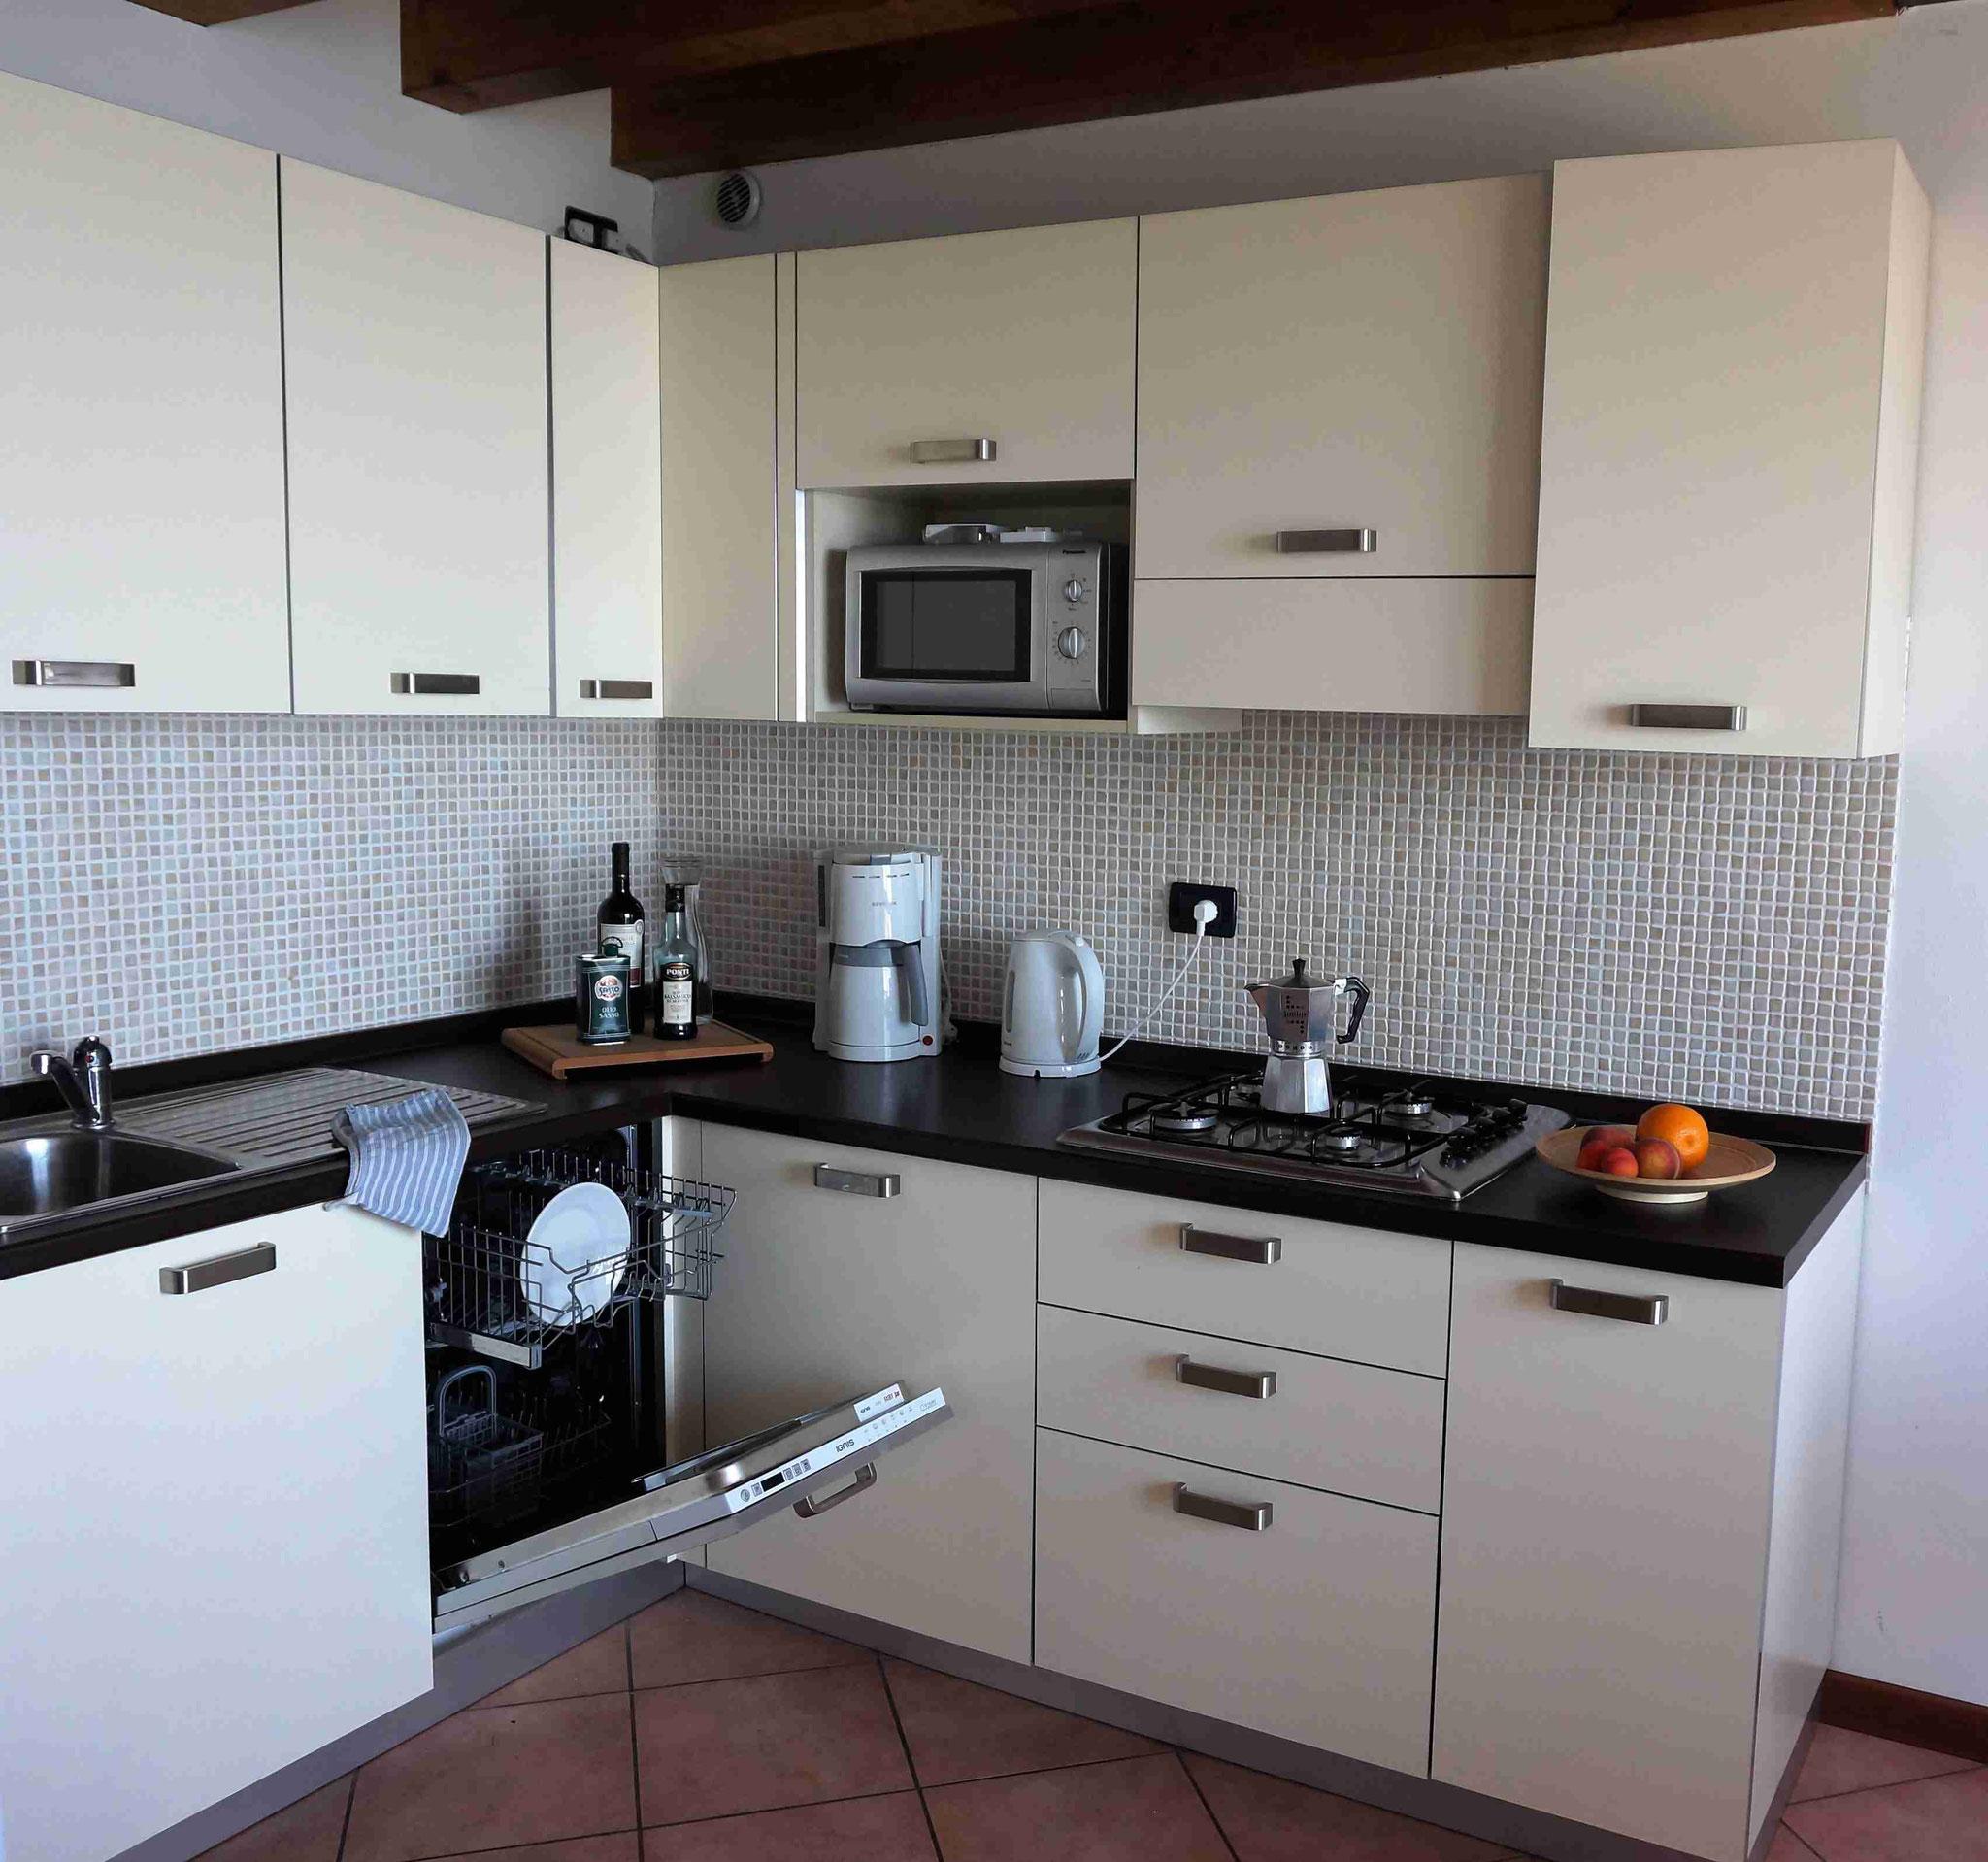 appartement20 - Kitchenette mit Geschirrspülmaschine